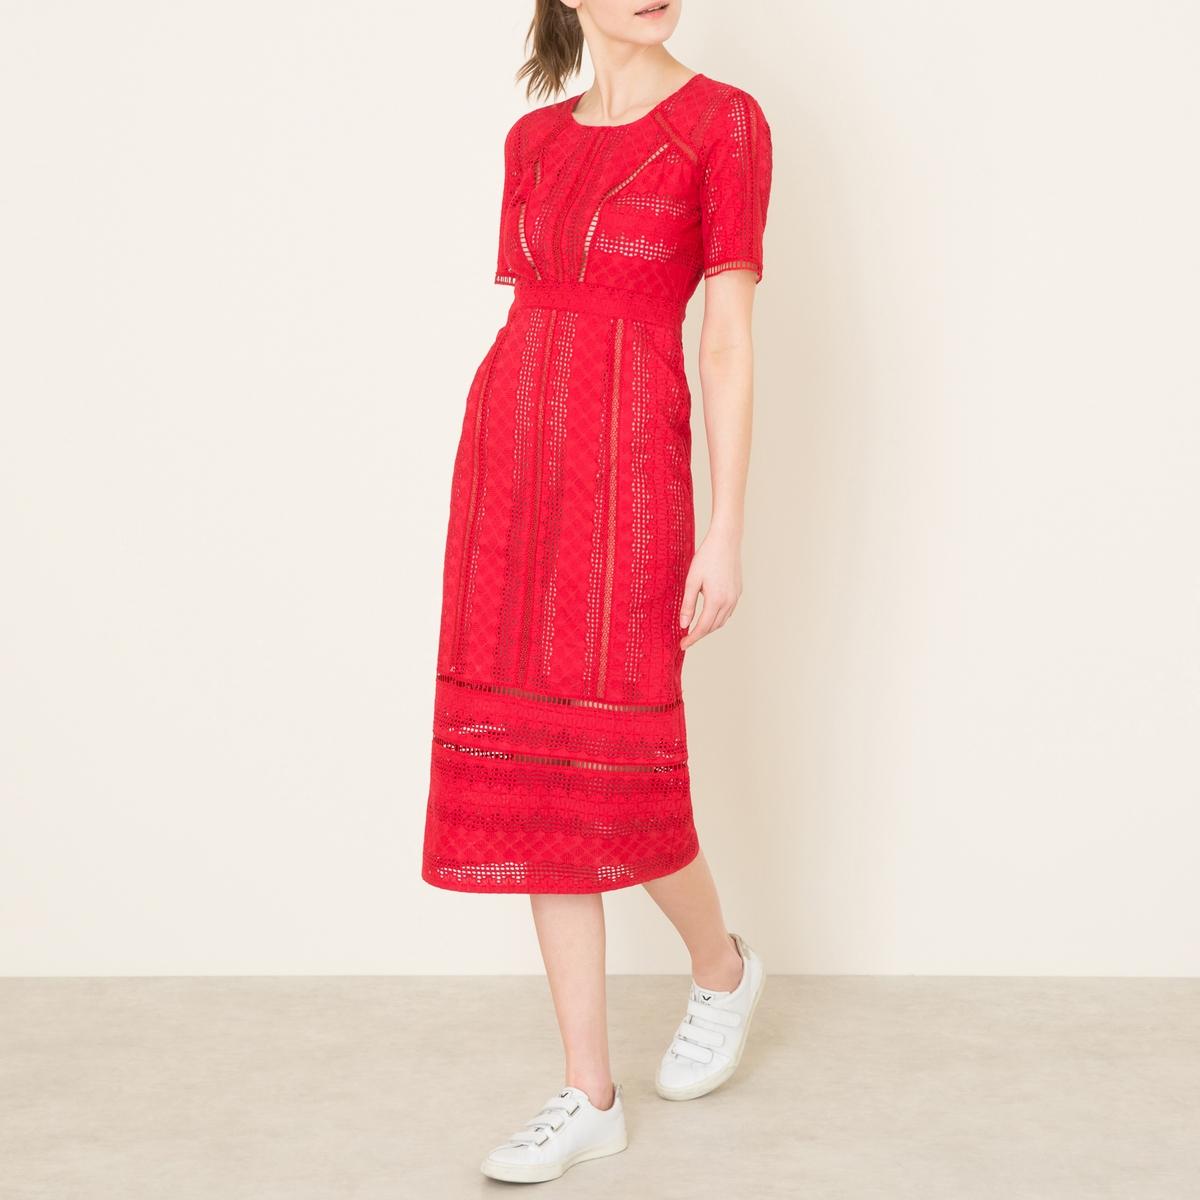 Платье GARETHСостав и описание:    Материал : 100% хлопок    Подкладка из 100% вискозы   Длина ок.118 см. (для размера 36)   Марка : BA&amp;SH<br><br>Цвет: красный<br>Размер: M